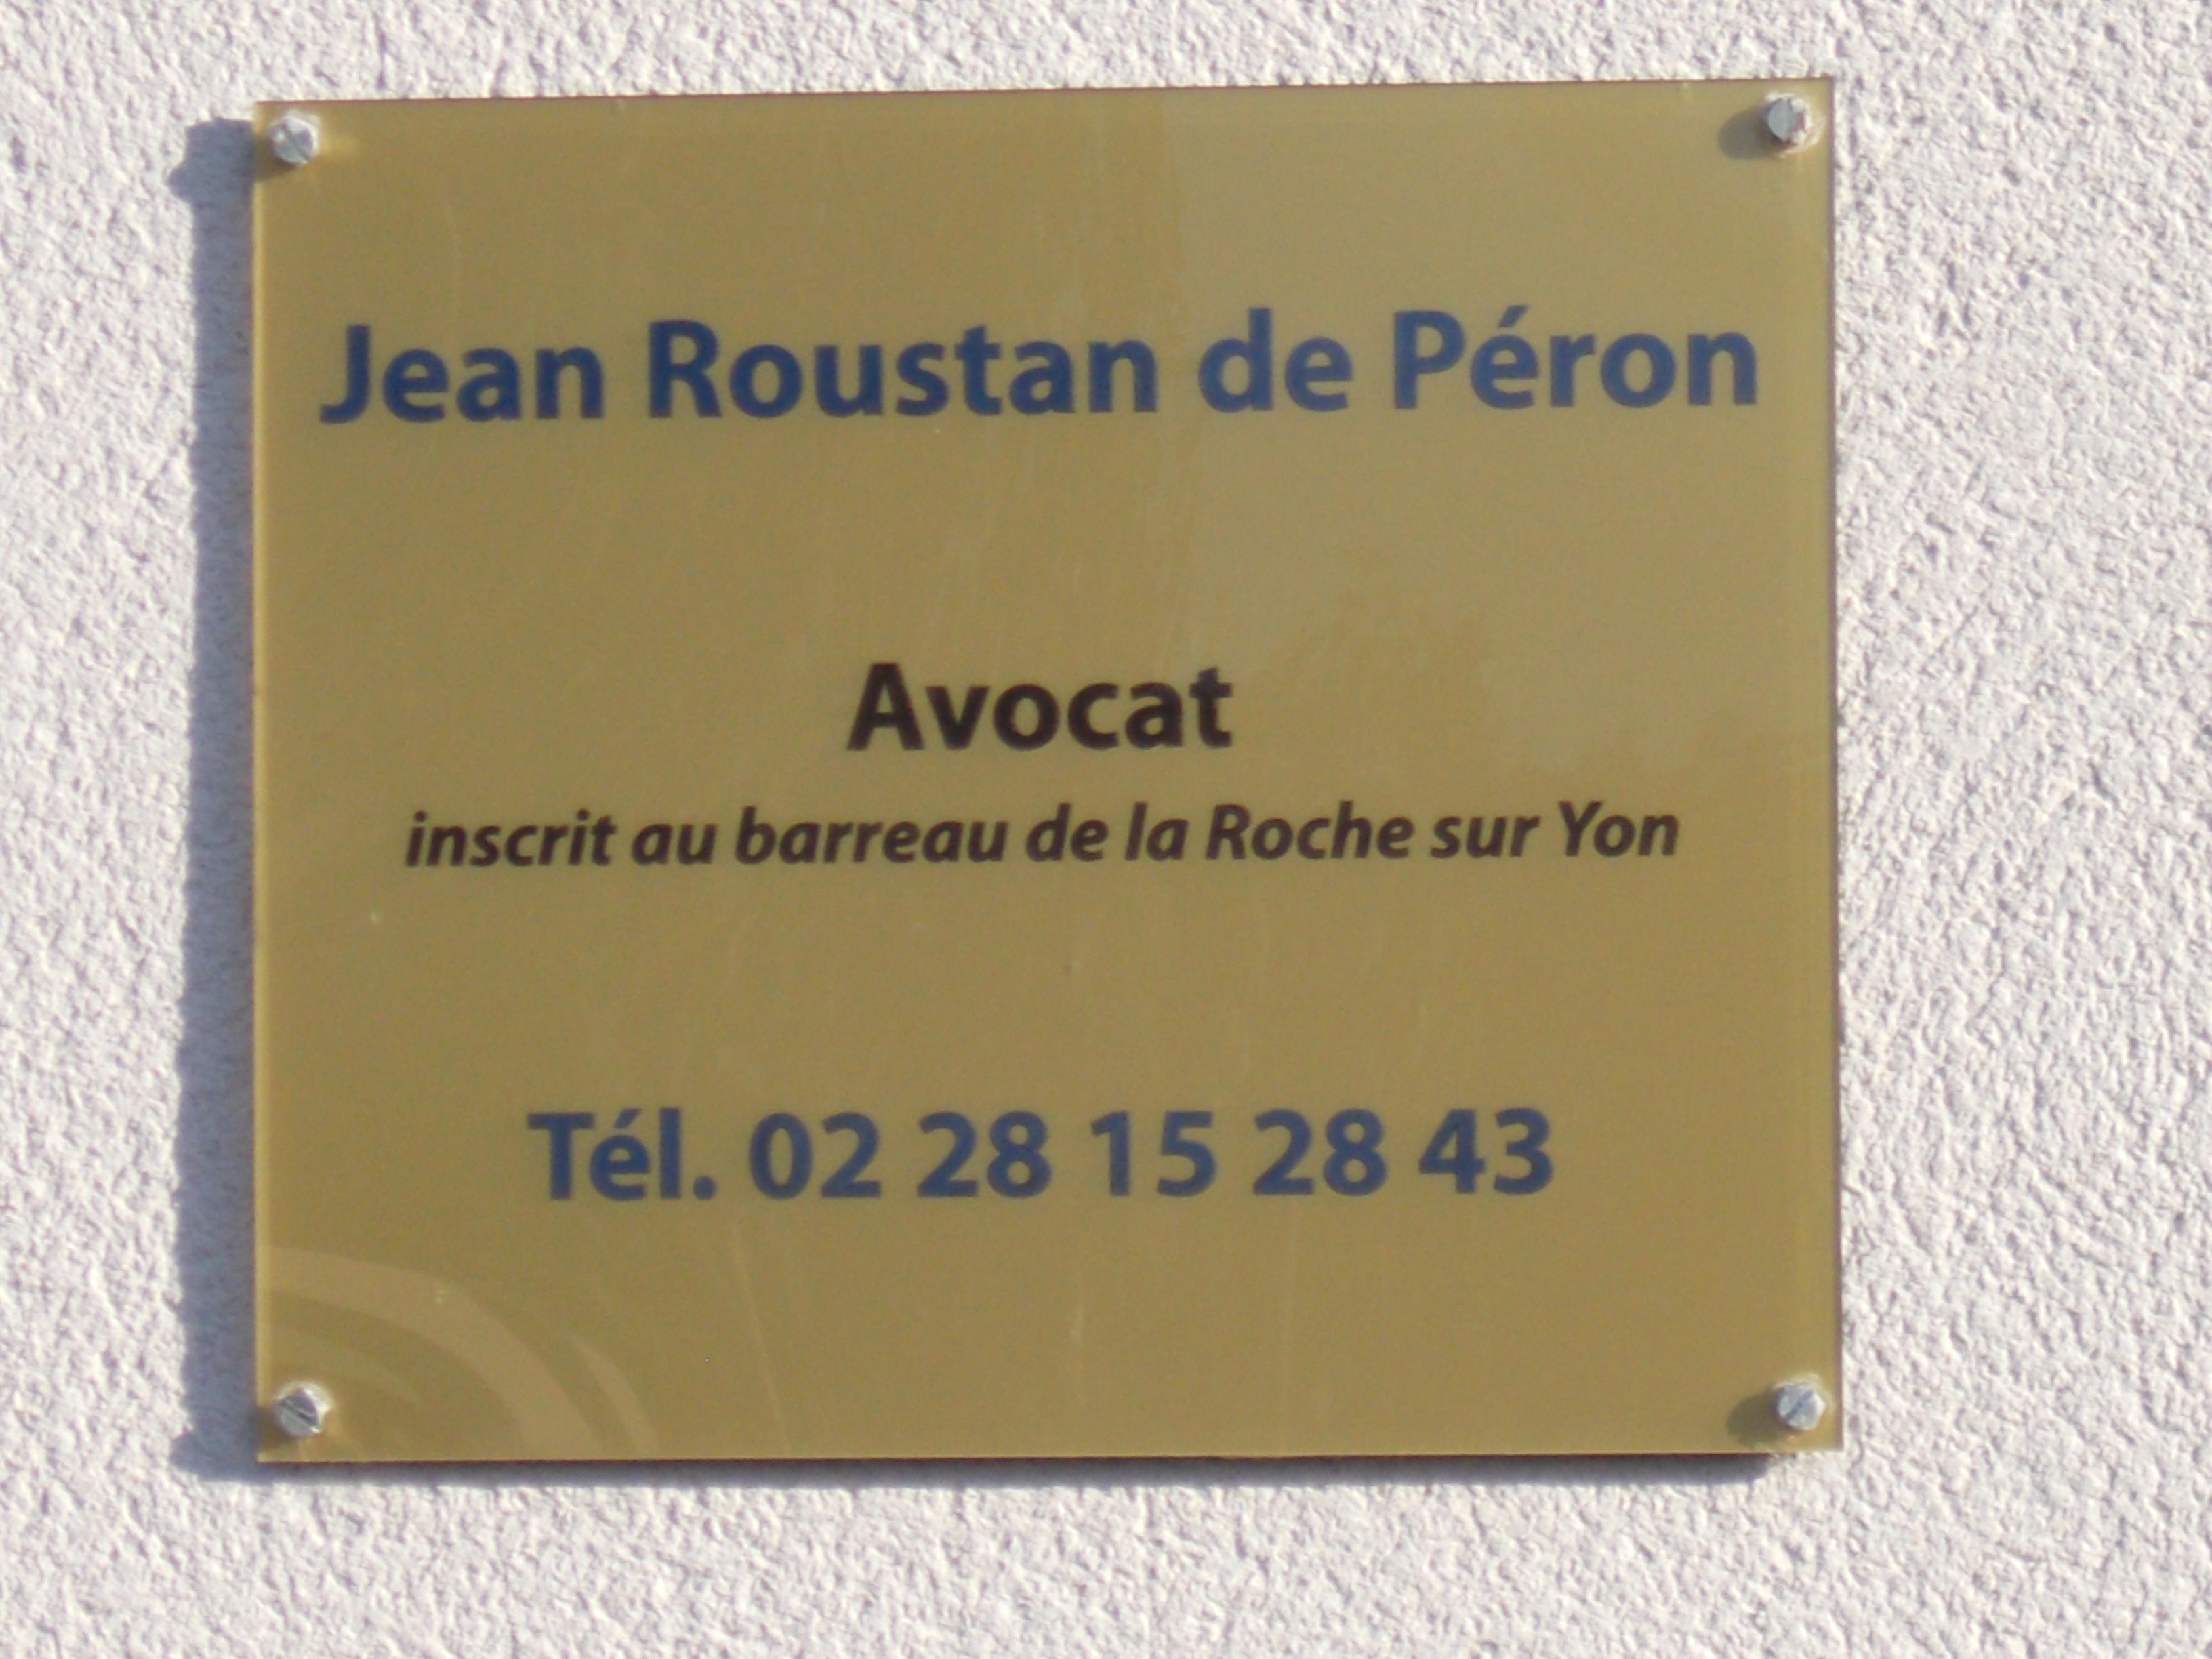 Cabinet Roustan de Péron